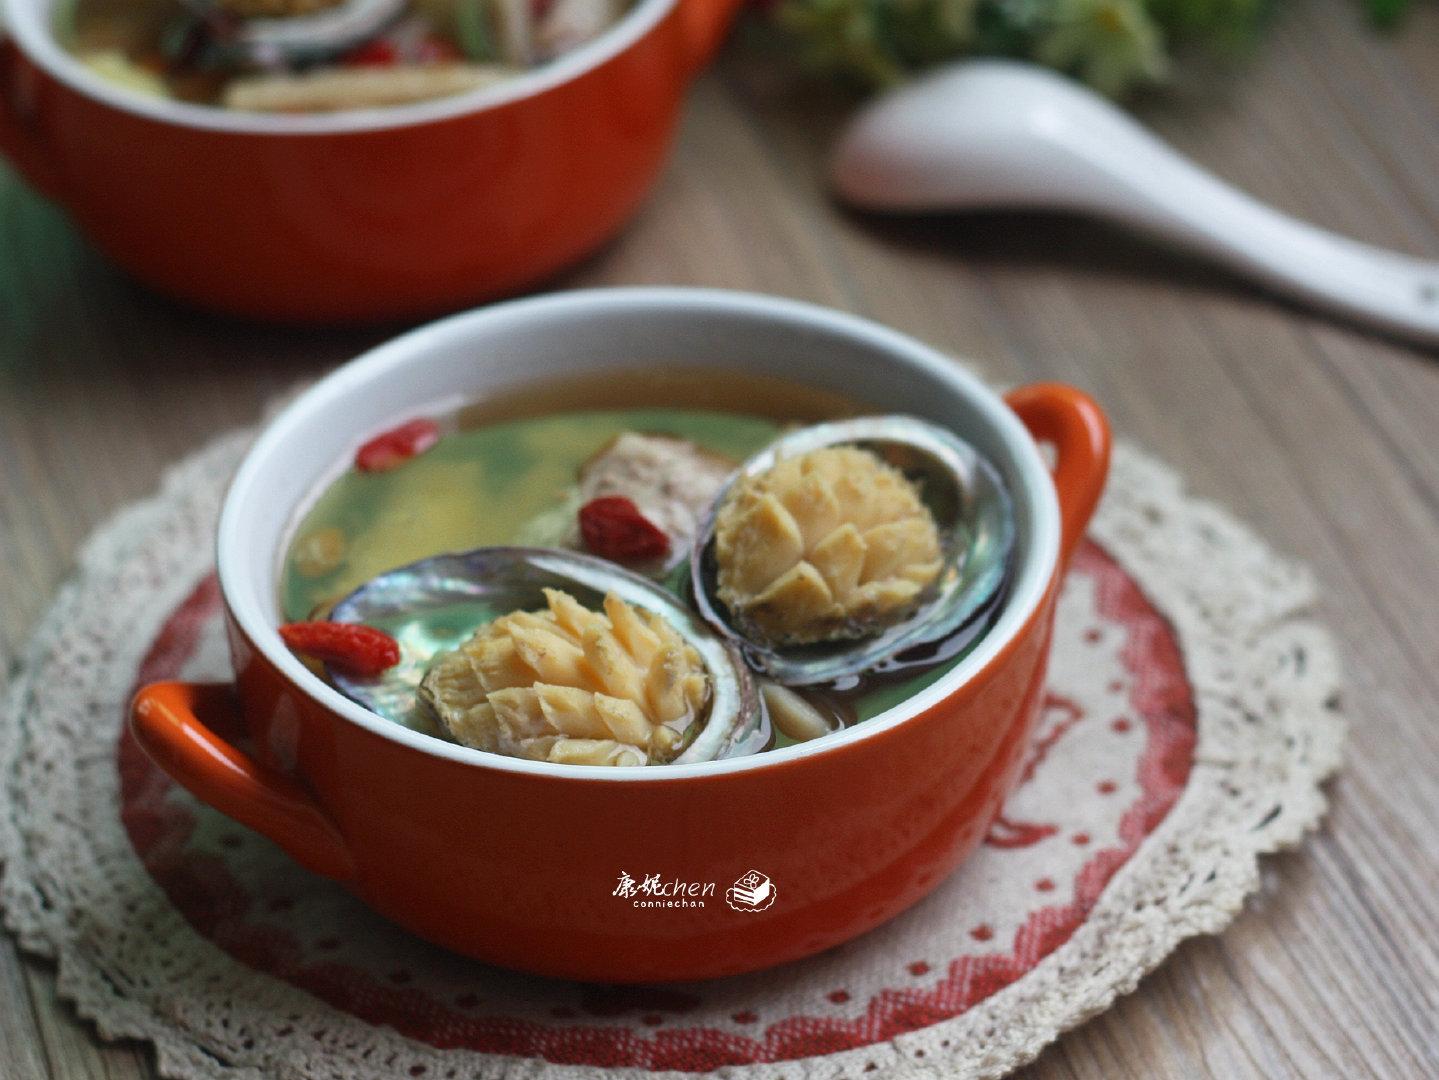 新春宴客少不了汤羹,这6款营养汤,鲜美滋味又清润,老少皆宜